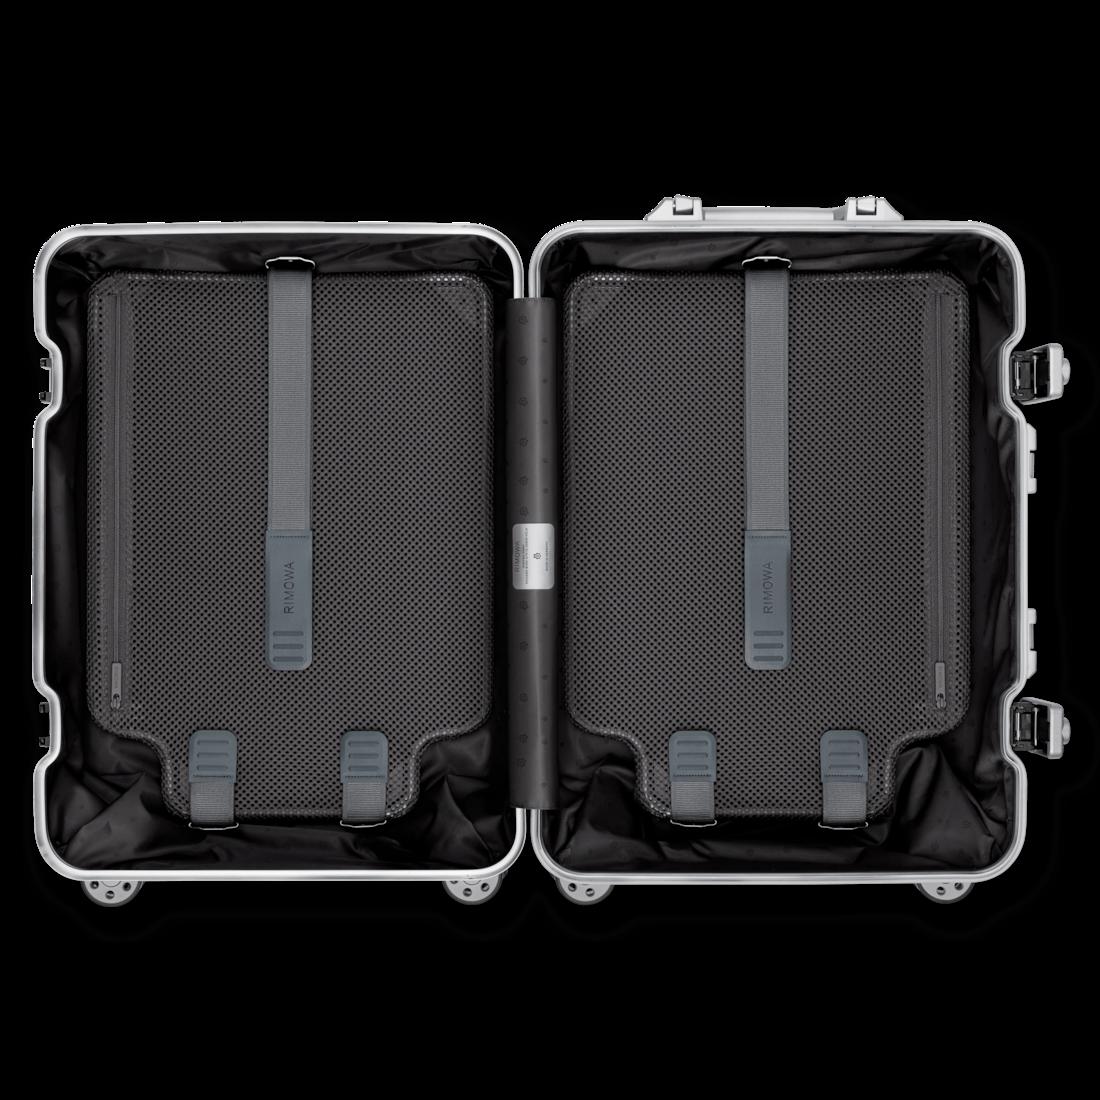 RIMOWA(リモワ)のスーツケース内装もスマート